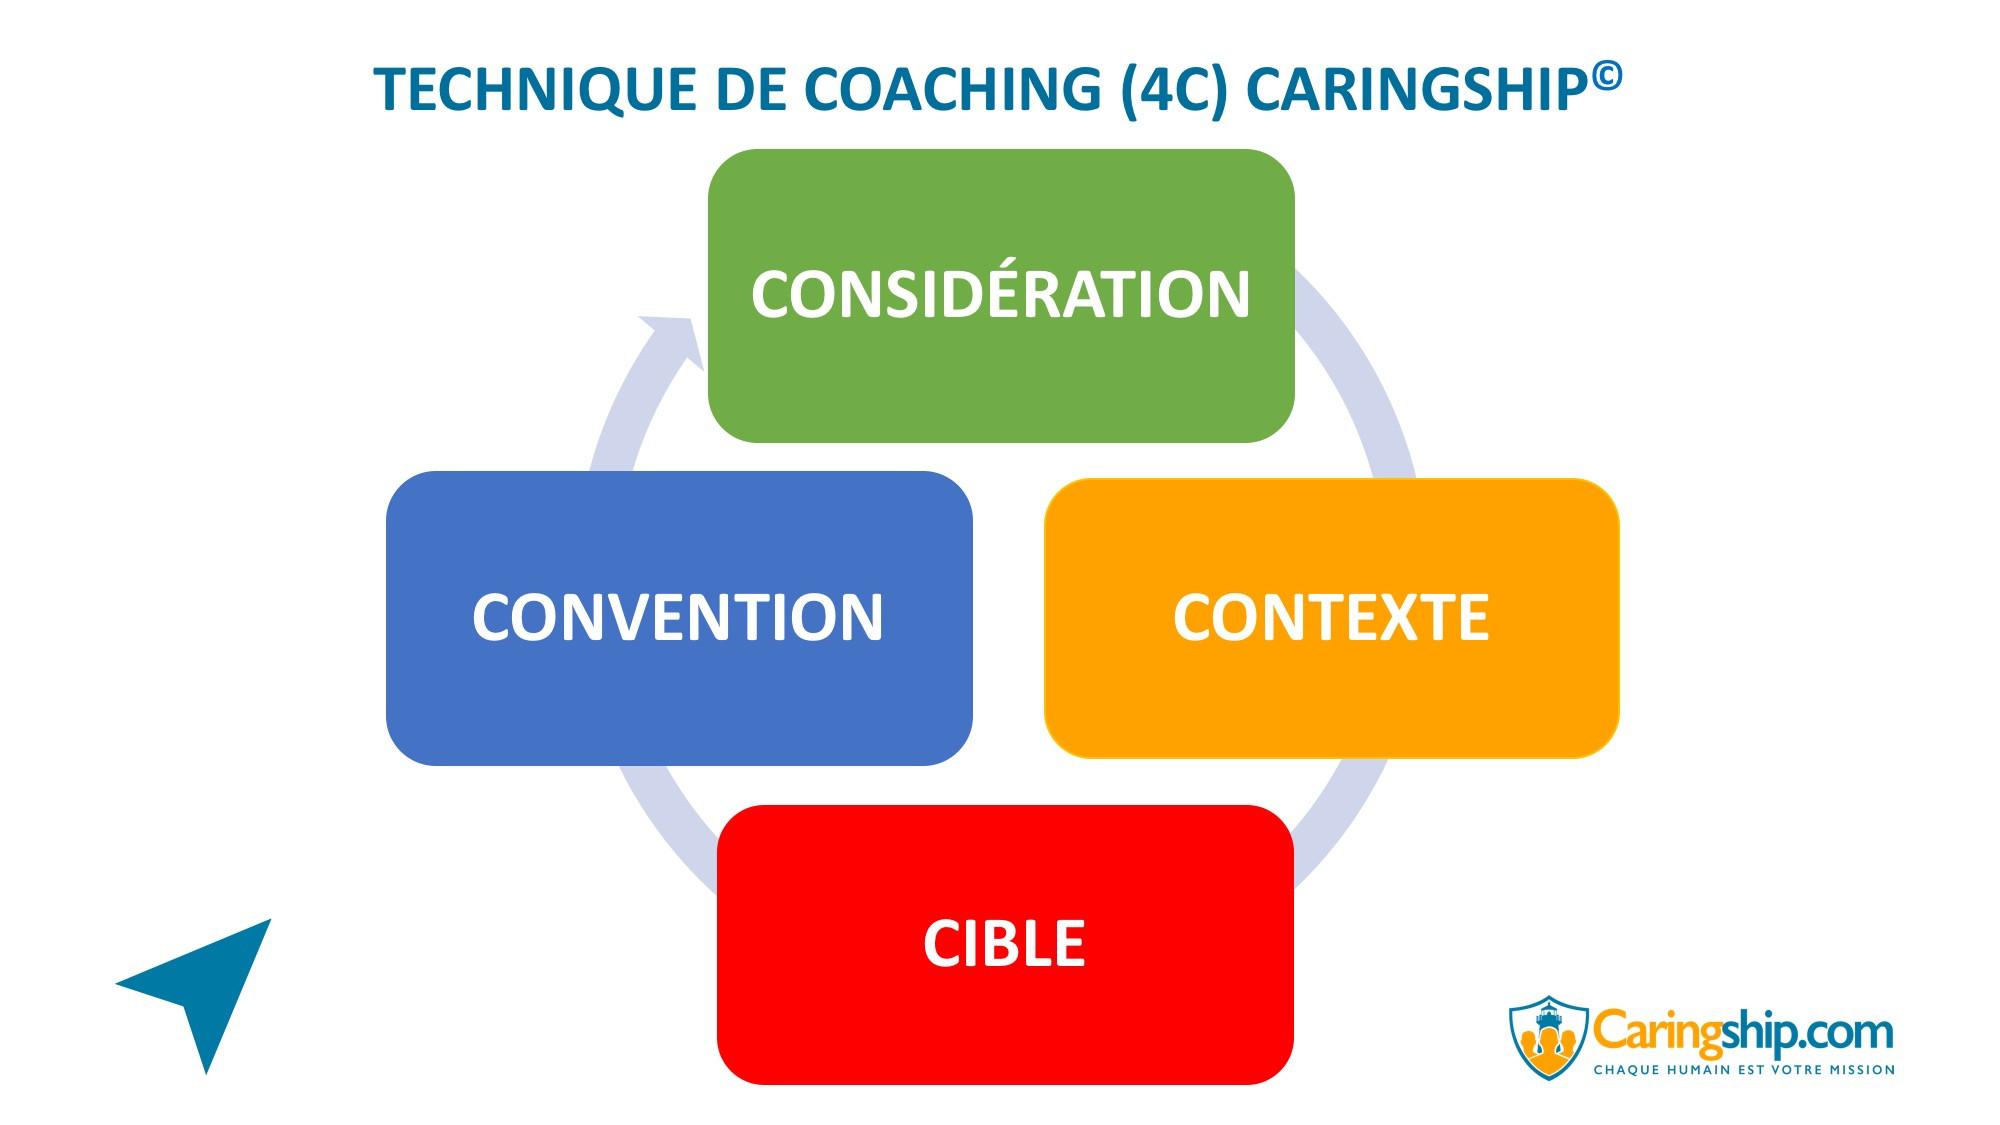 Technique de coaching (4C)